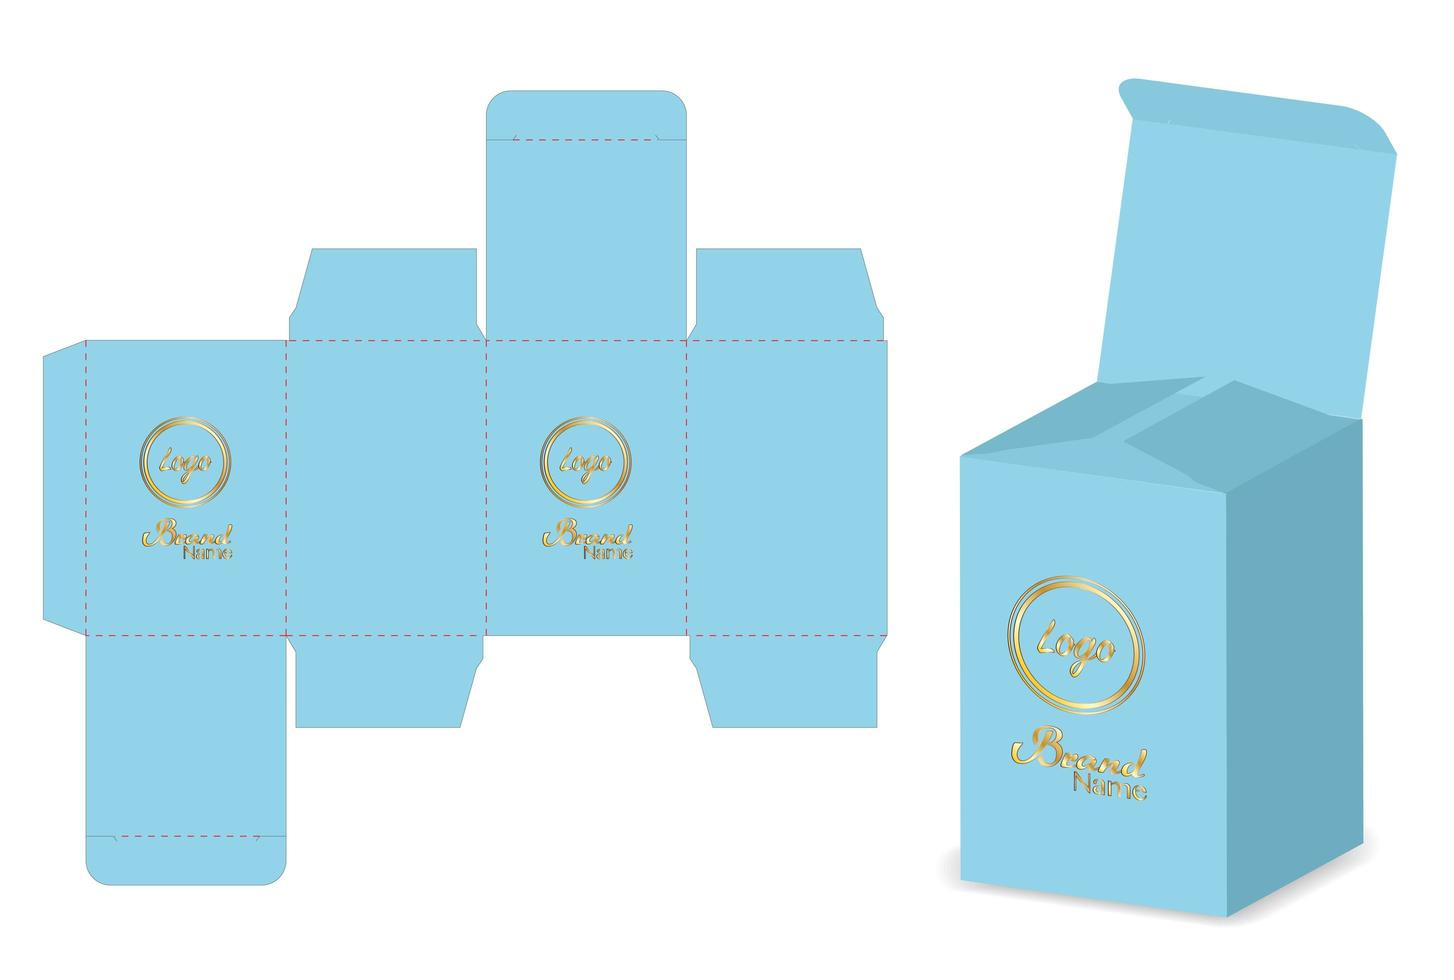 disegno del modello fustellato di imballaggio della scatola. Modello 3d vettore